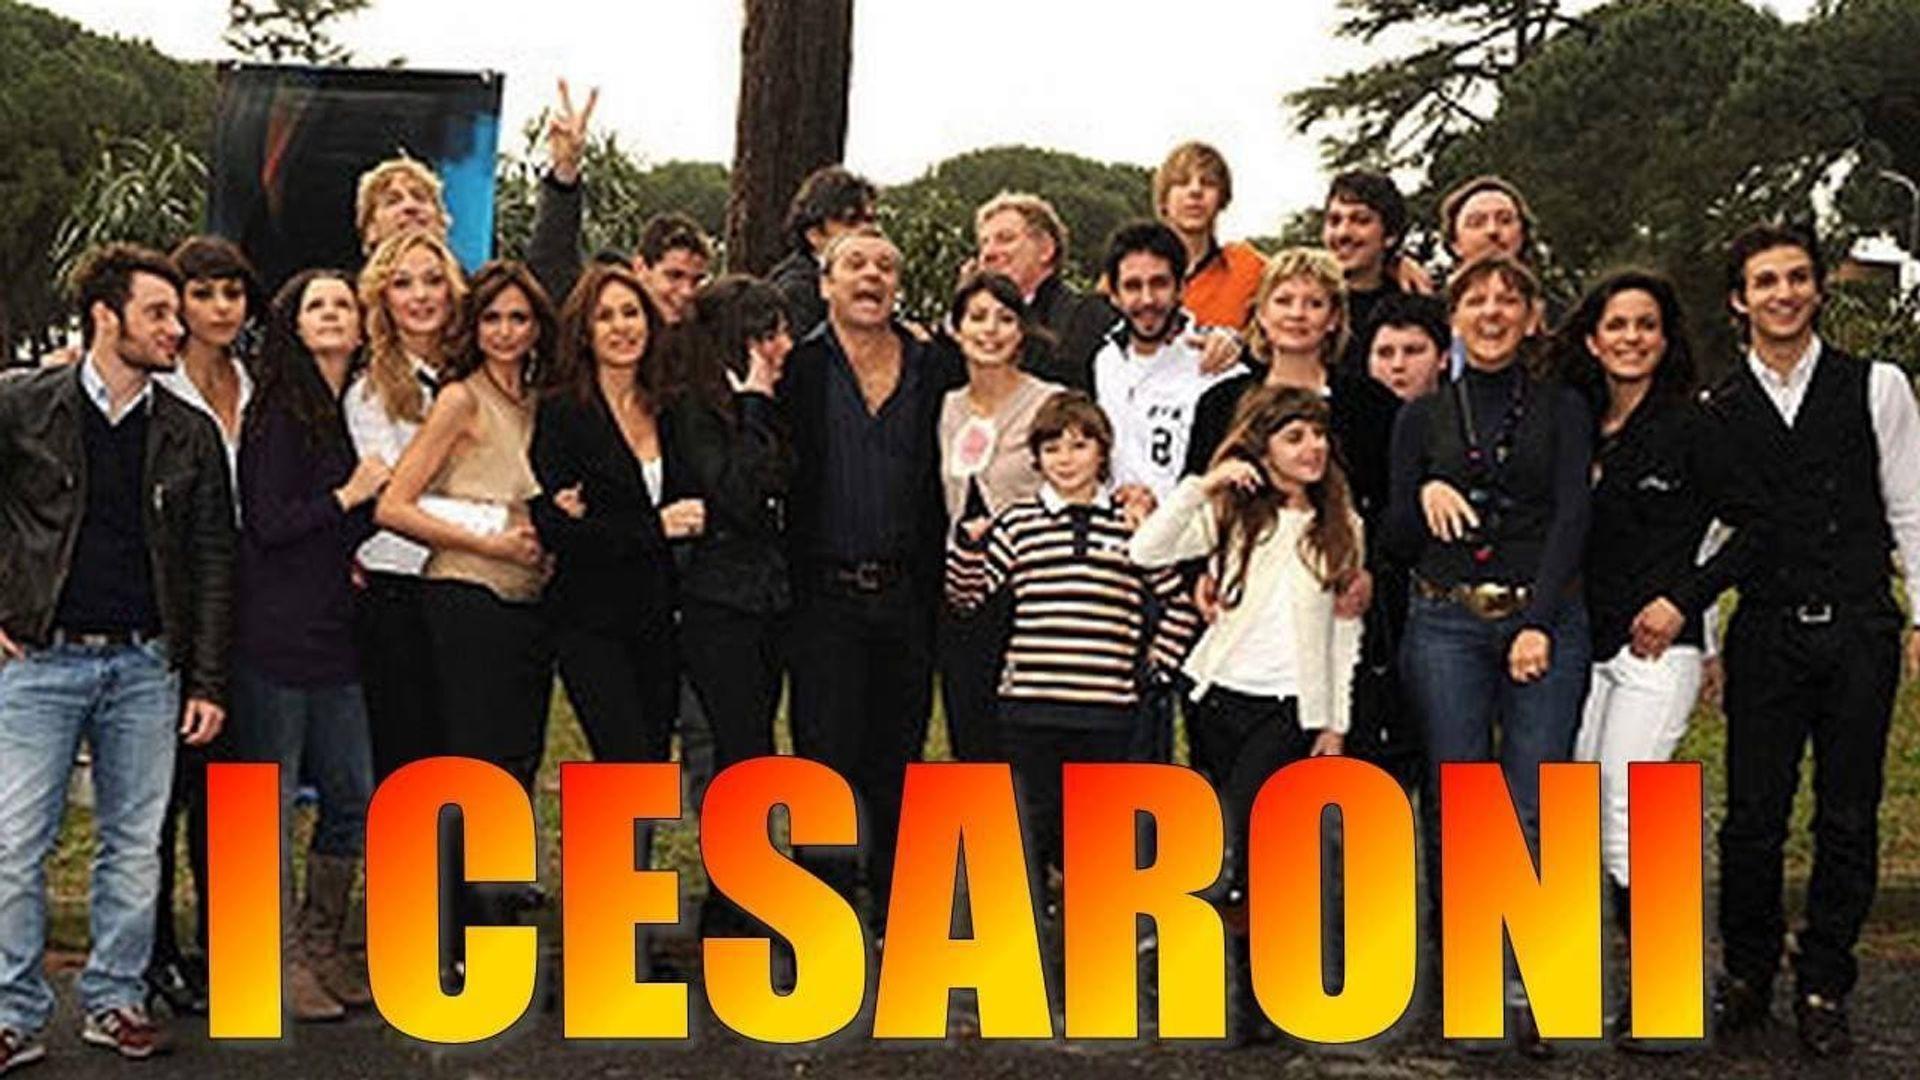 Season 06, Episode 01